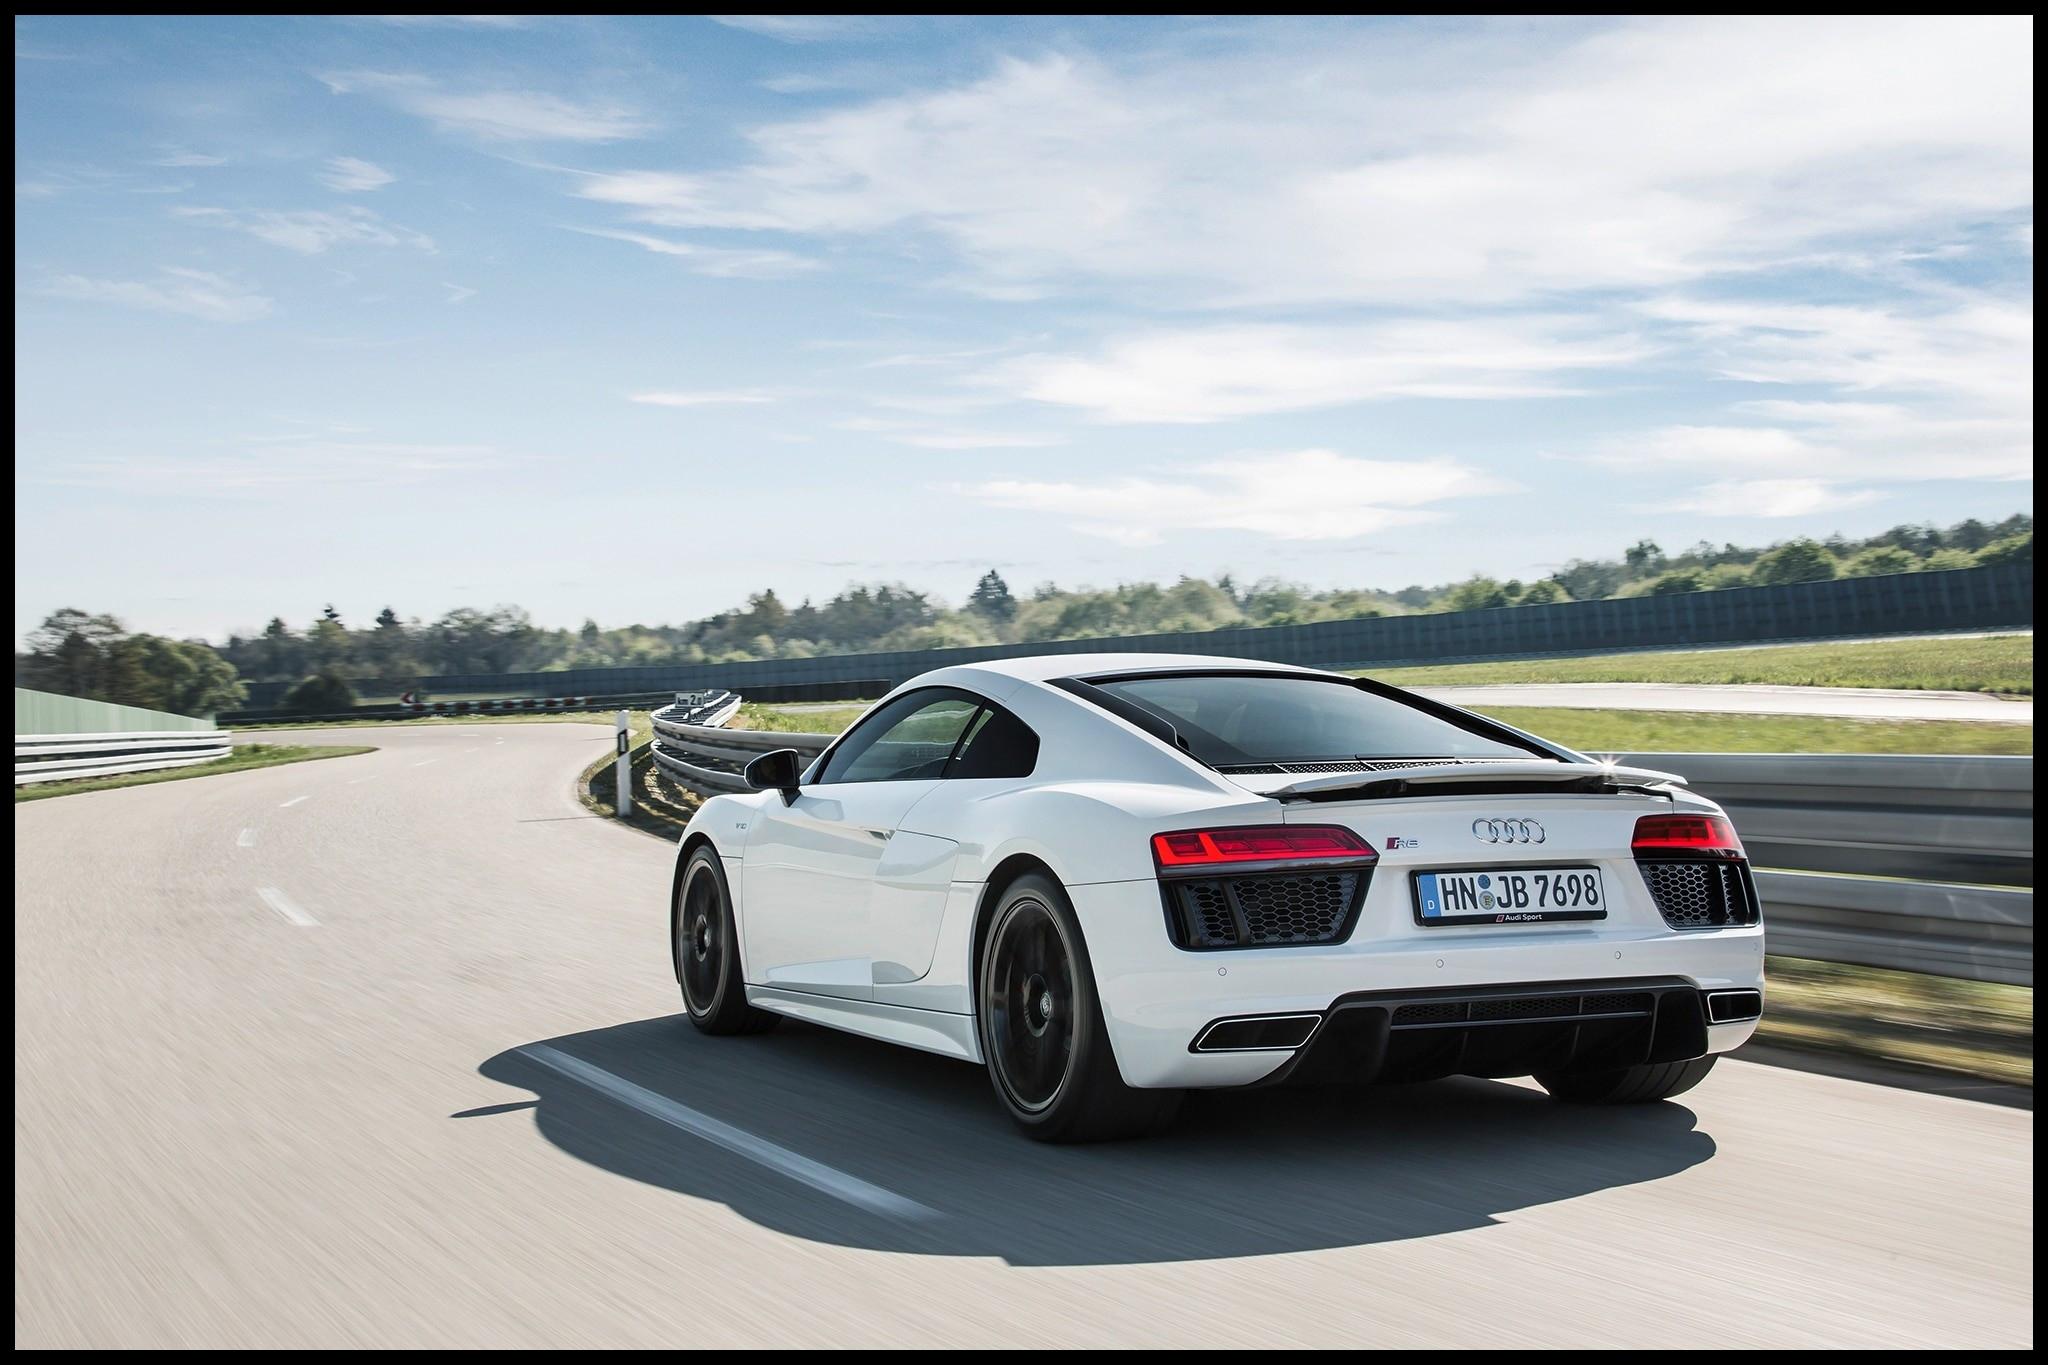 2019 Audi R8 2019 Audi R8 Convertible